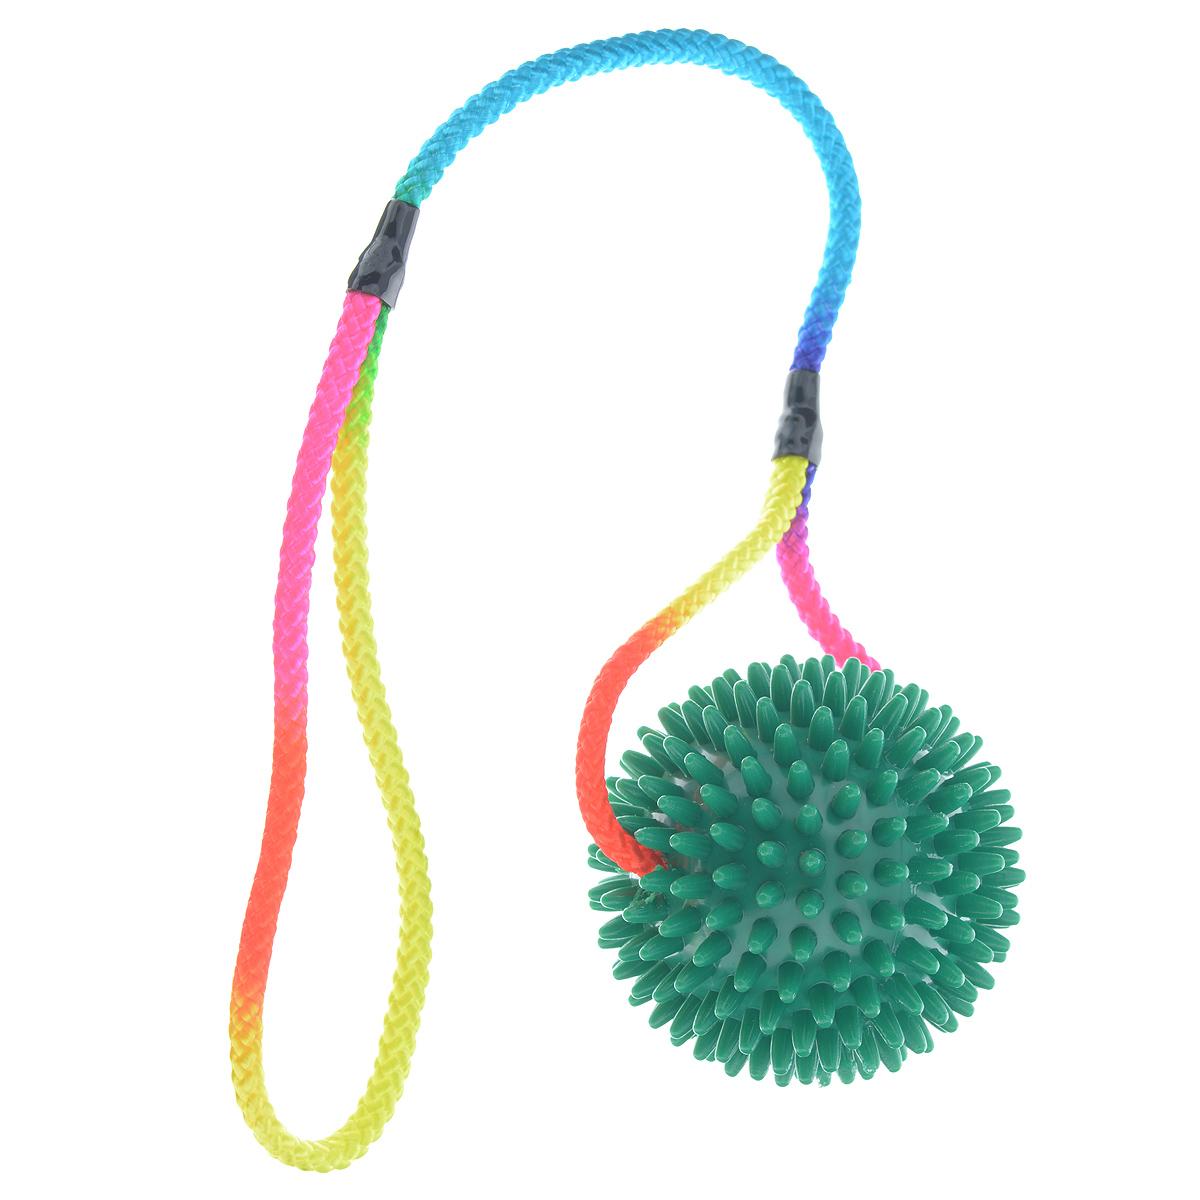 Игрушка для собак V.I.Pet Массажный мяч, на шнуре, цвет: зеленый, диаметр 9 см0120710Игрушка для собак V.I.Pet Массажный мяч, изготовленная из ПВХ, предназначена для массажа и самомассажа рефлексогенных зон. Она имеет мягкие закругленные массажные шипы, эффективно массирующие и не травмирующие кожу. Сквозь мяч продет шнур.Игрушка не позволит скучать вашему питомцу ни дома, ни на улице.Диаметр: 9 см.Длина шнура: 50 см.